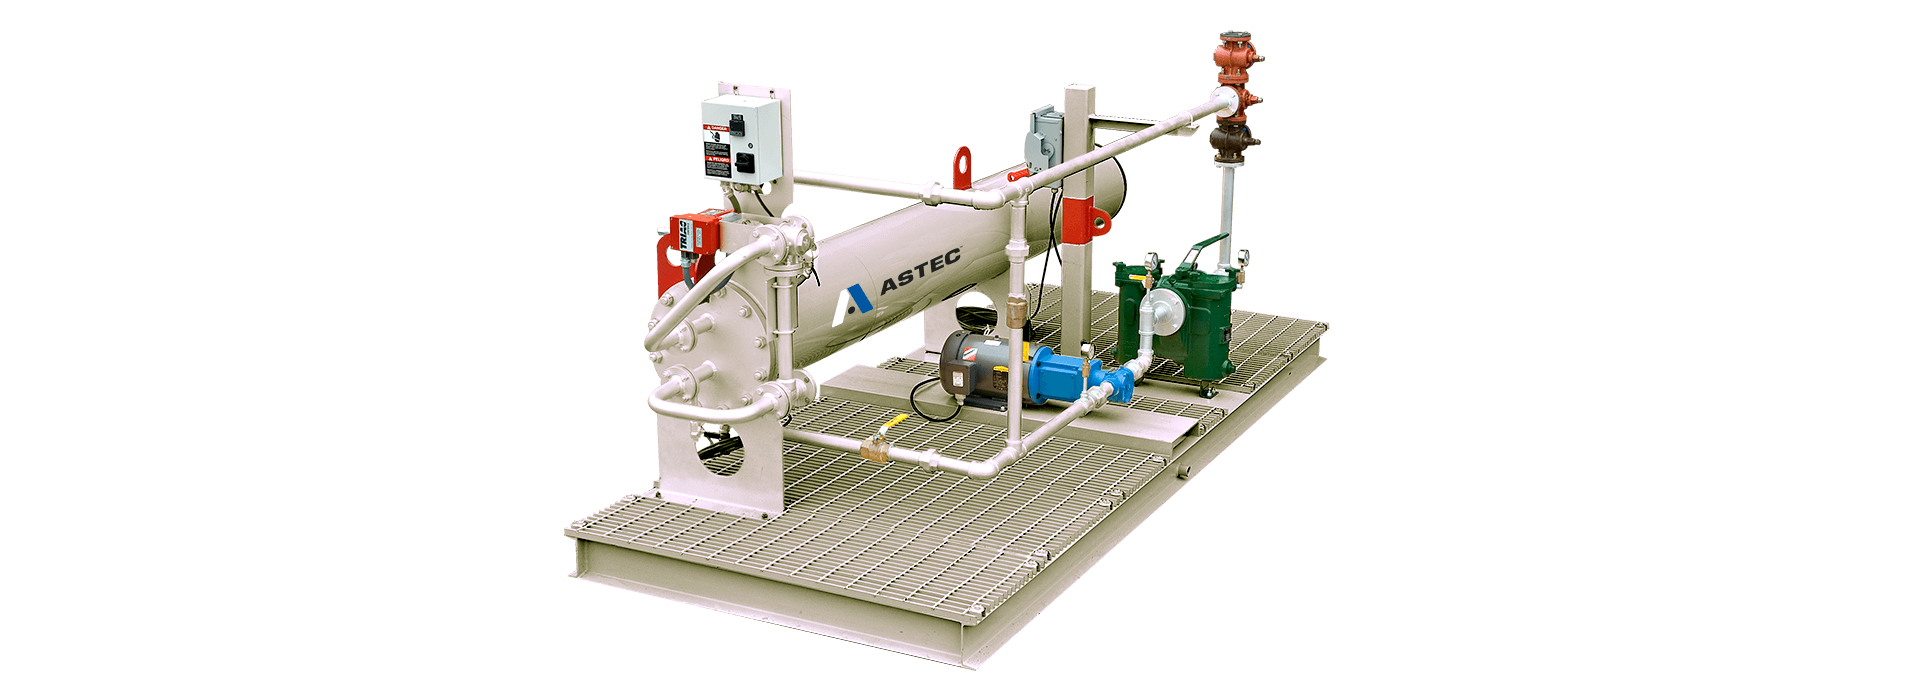 Heatec Fuel Preheater Skid